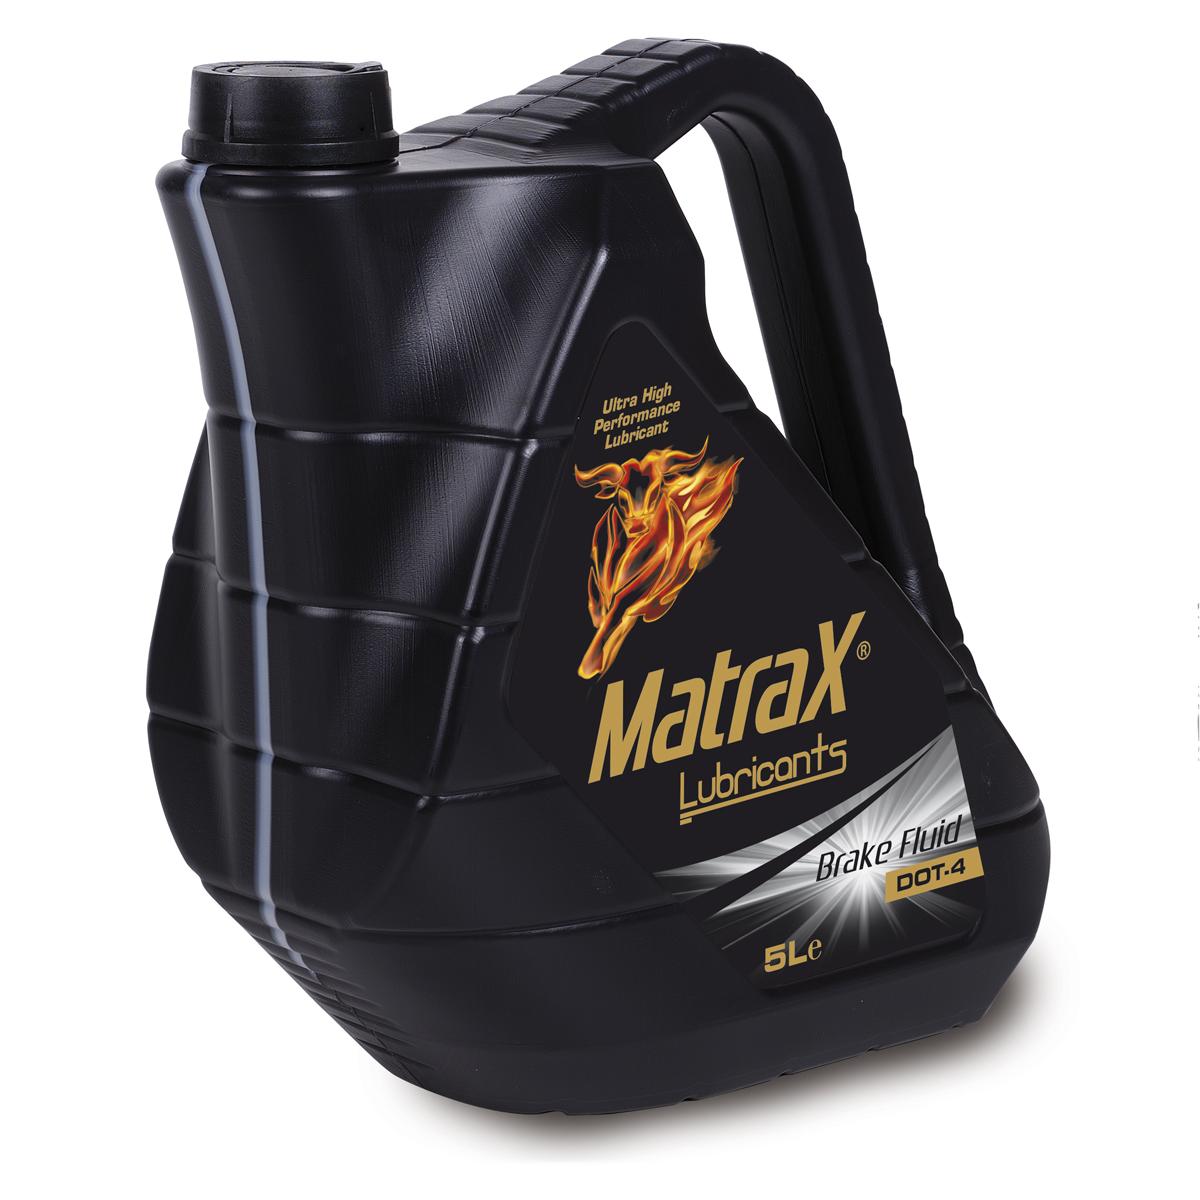 matrax-lubricants-brake-fluid-dot-4-5l